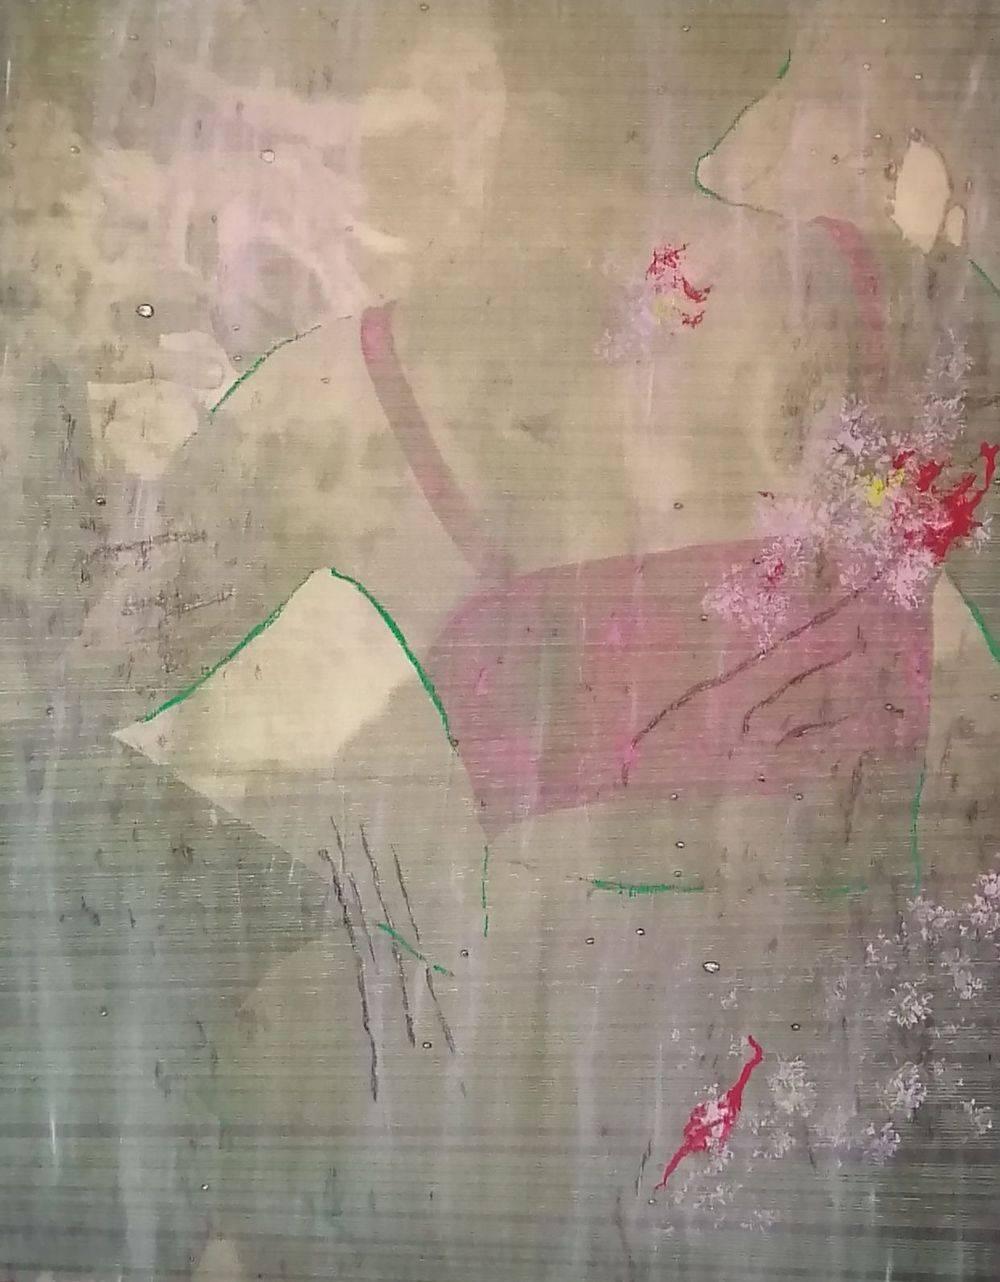 Aquarelle, Nude, Femme, Portrait, Histoire de l'art